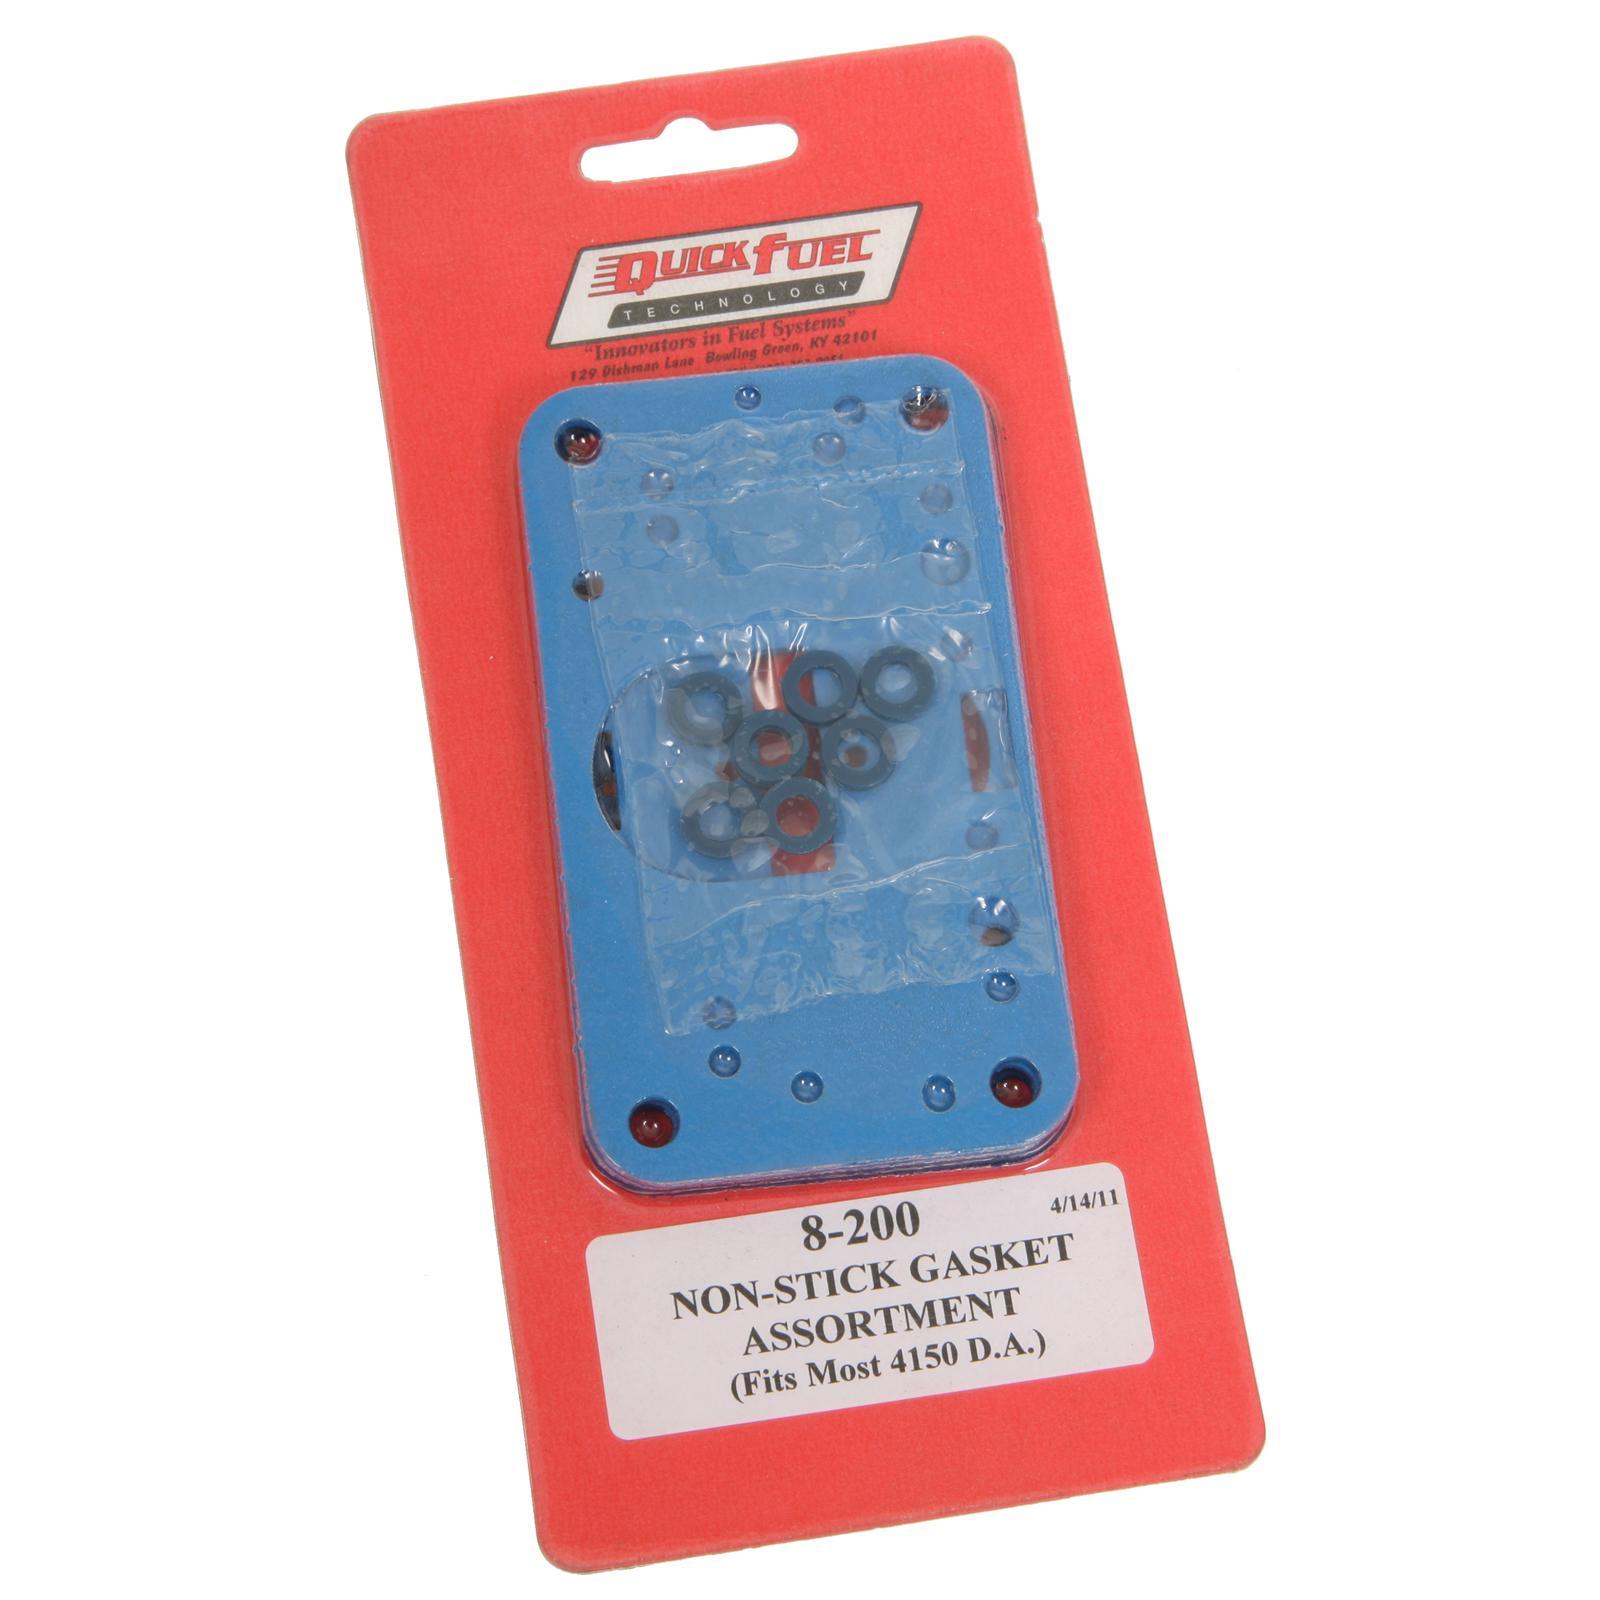 Holley 108-200 Carb Gasket Kit Gasket Assortment